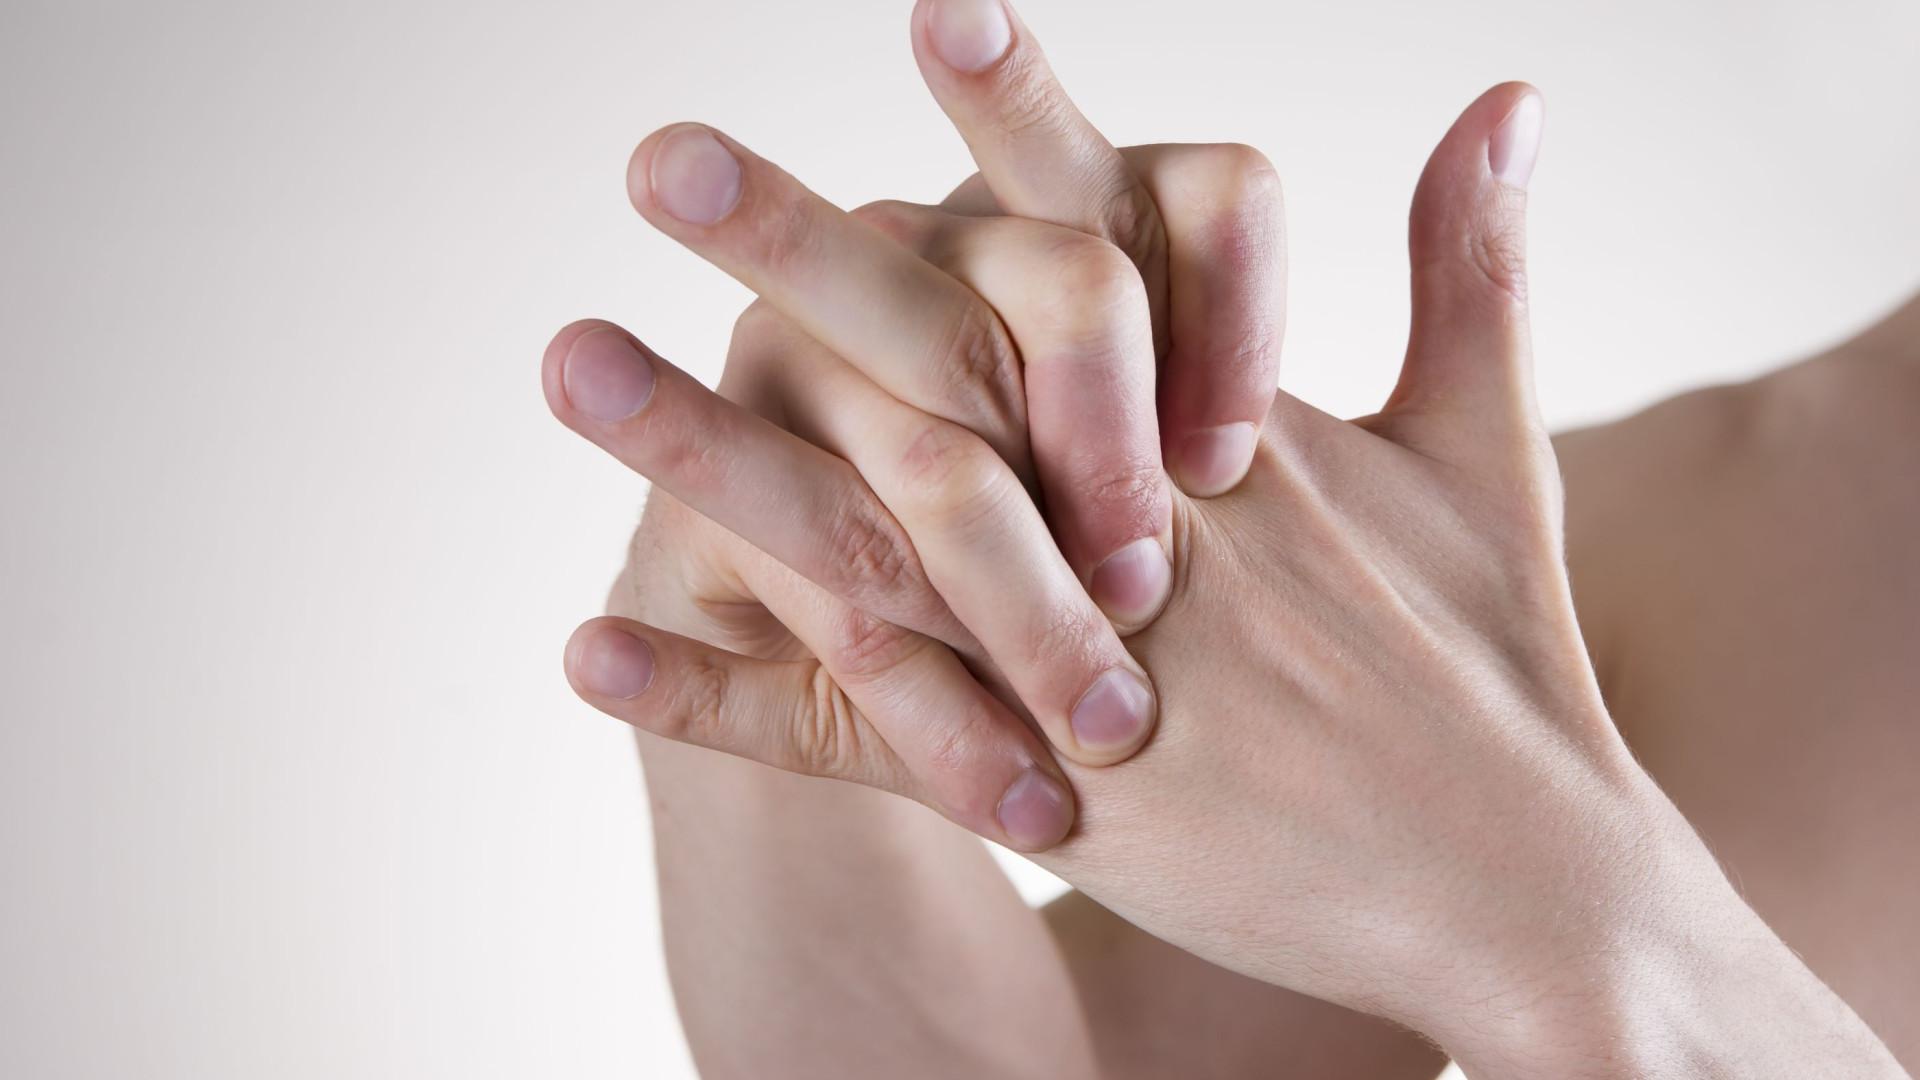 Mulher fica sem parte do dedo após discussão por causa de renda